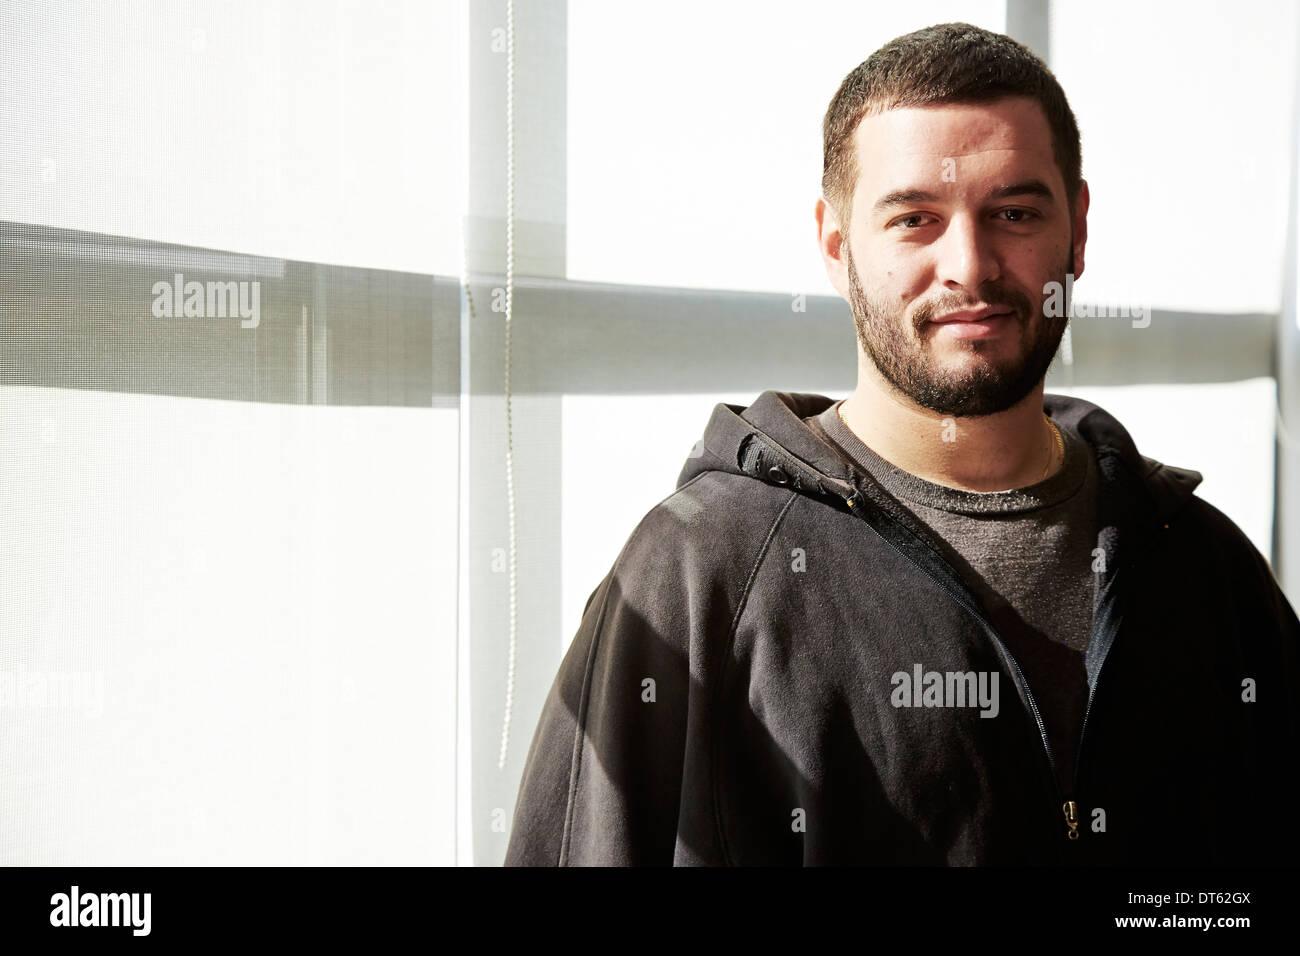 Ritratto di giovane uomo che indossa top con cappuccio Immagini Stock